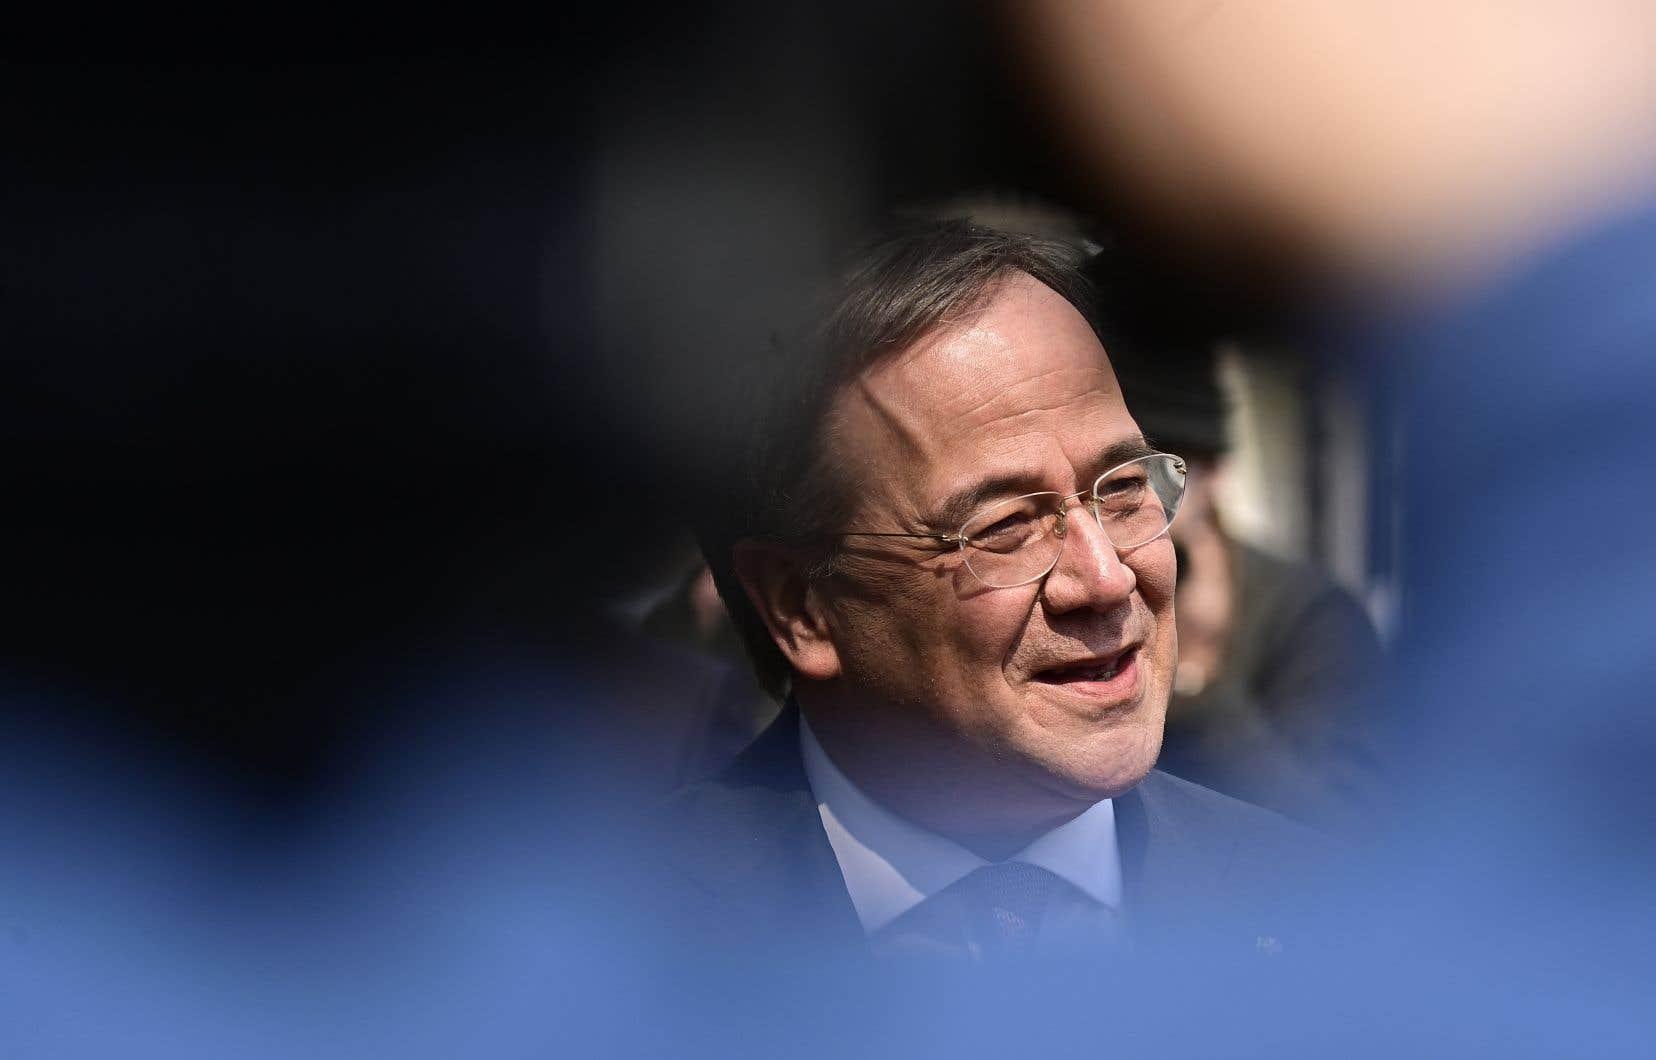 Candidat naturel de la CDU dont il a pris la tête en janvier, Armin Laschet est un partisan de la continuité avec le cap centriste d'Angela Merkel.